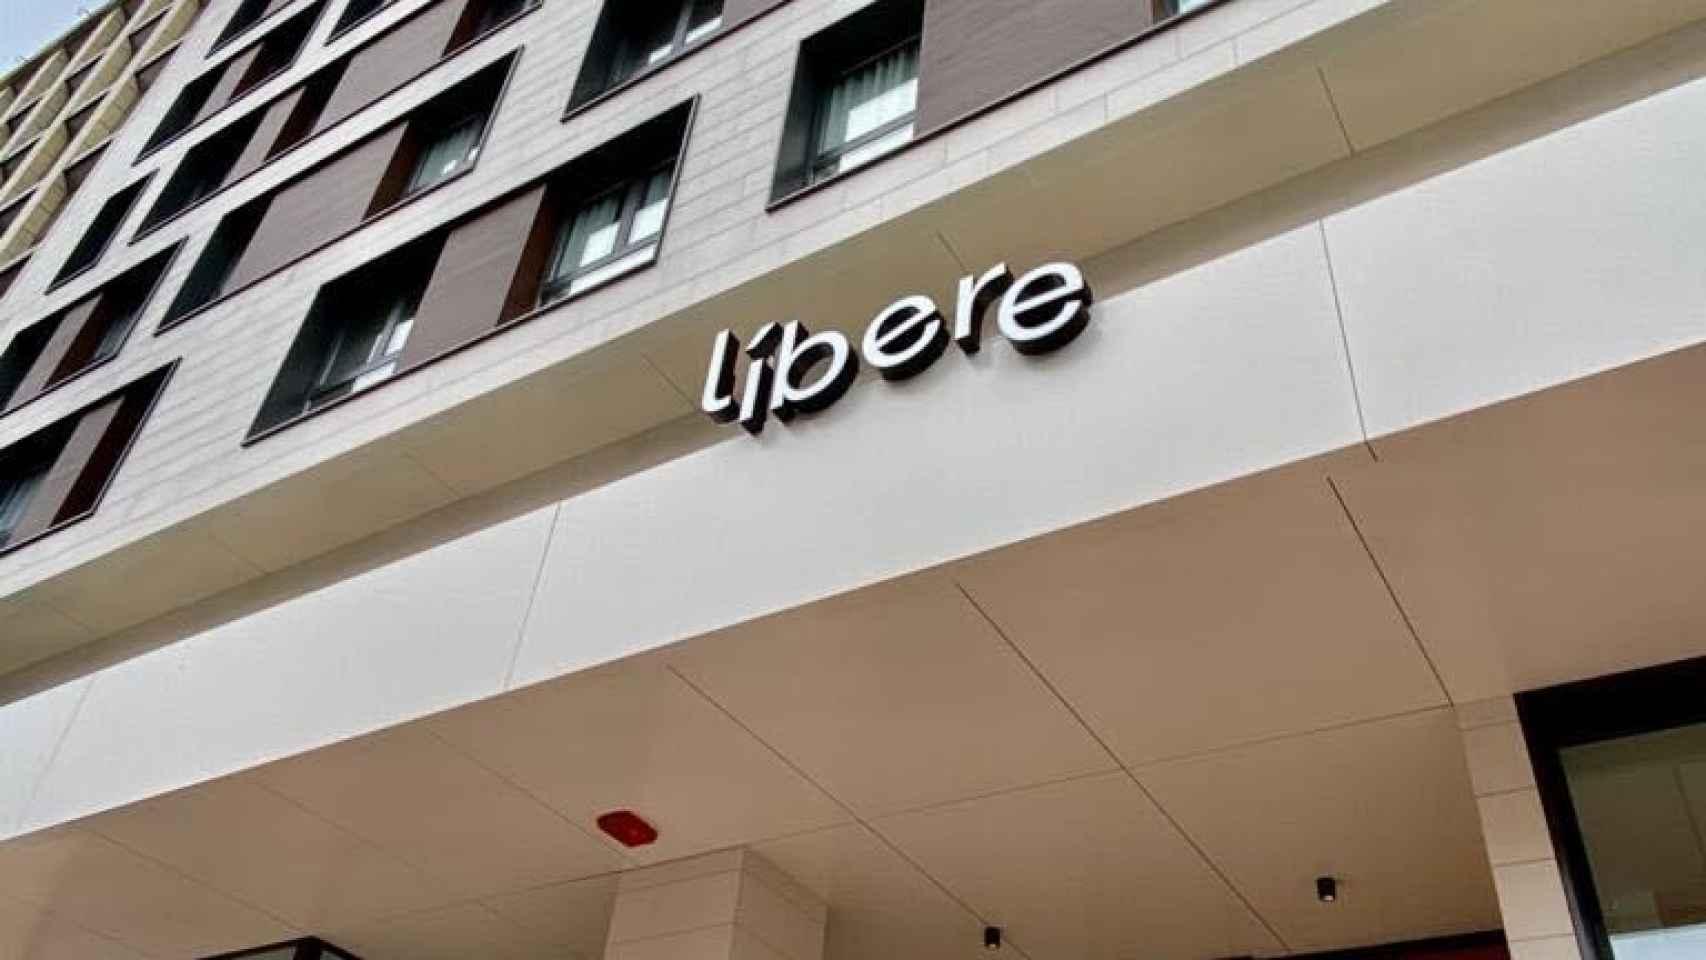 Imagen de los Apartamentos Líbere Vitoria propiedad de All Iron RE.